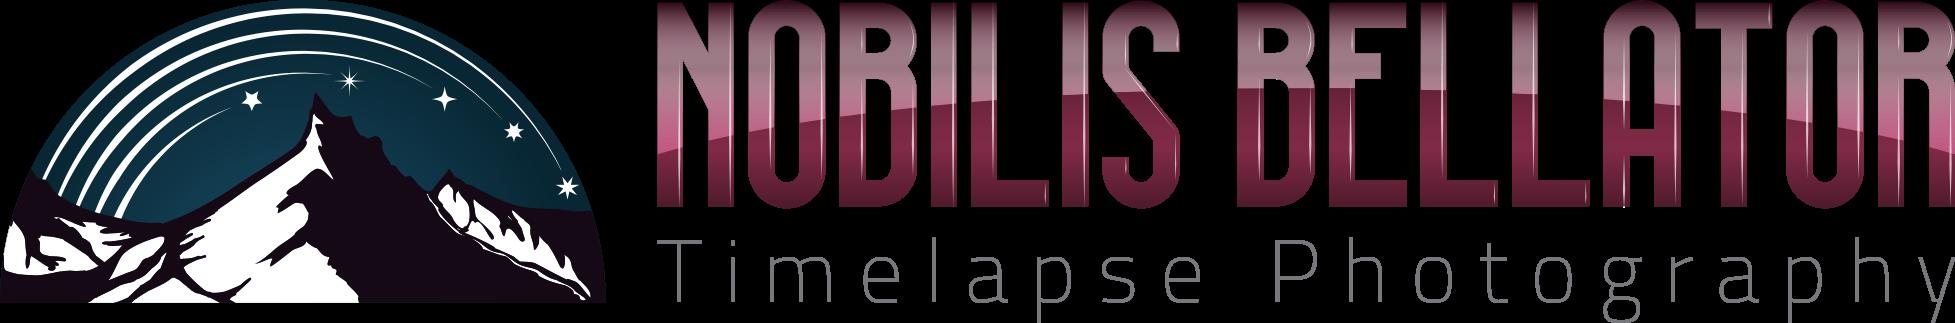 nobilis-logo-horizontal-no-background